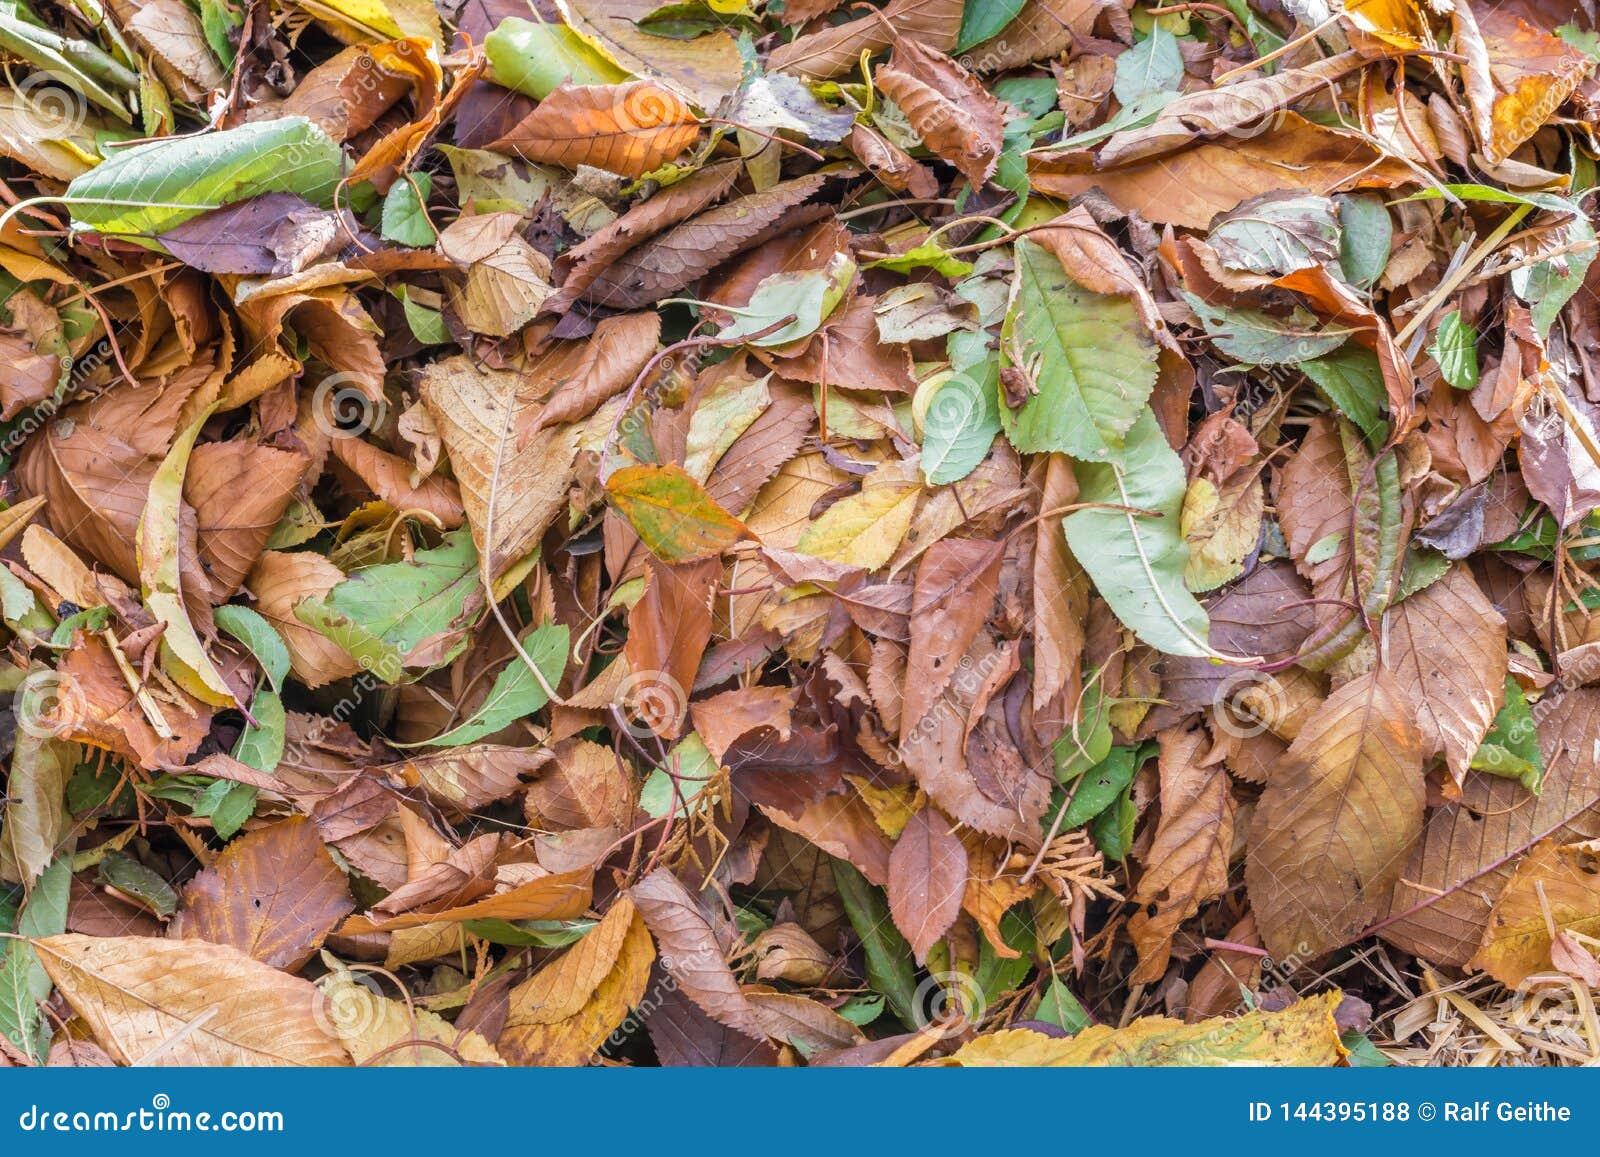 Σωρός φύλλων ως φθινοπωρινή υπόβαθρο ή σύσταση